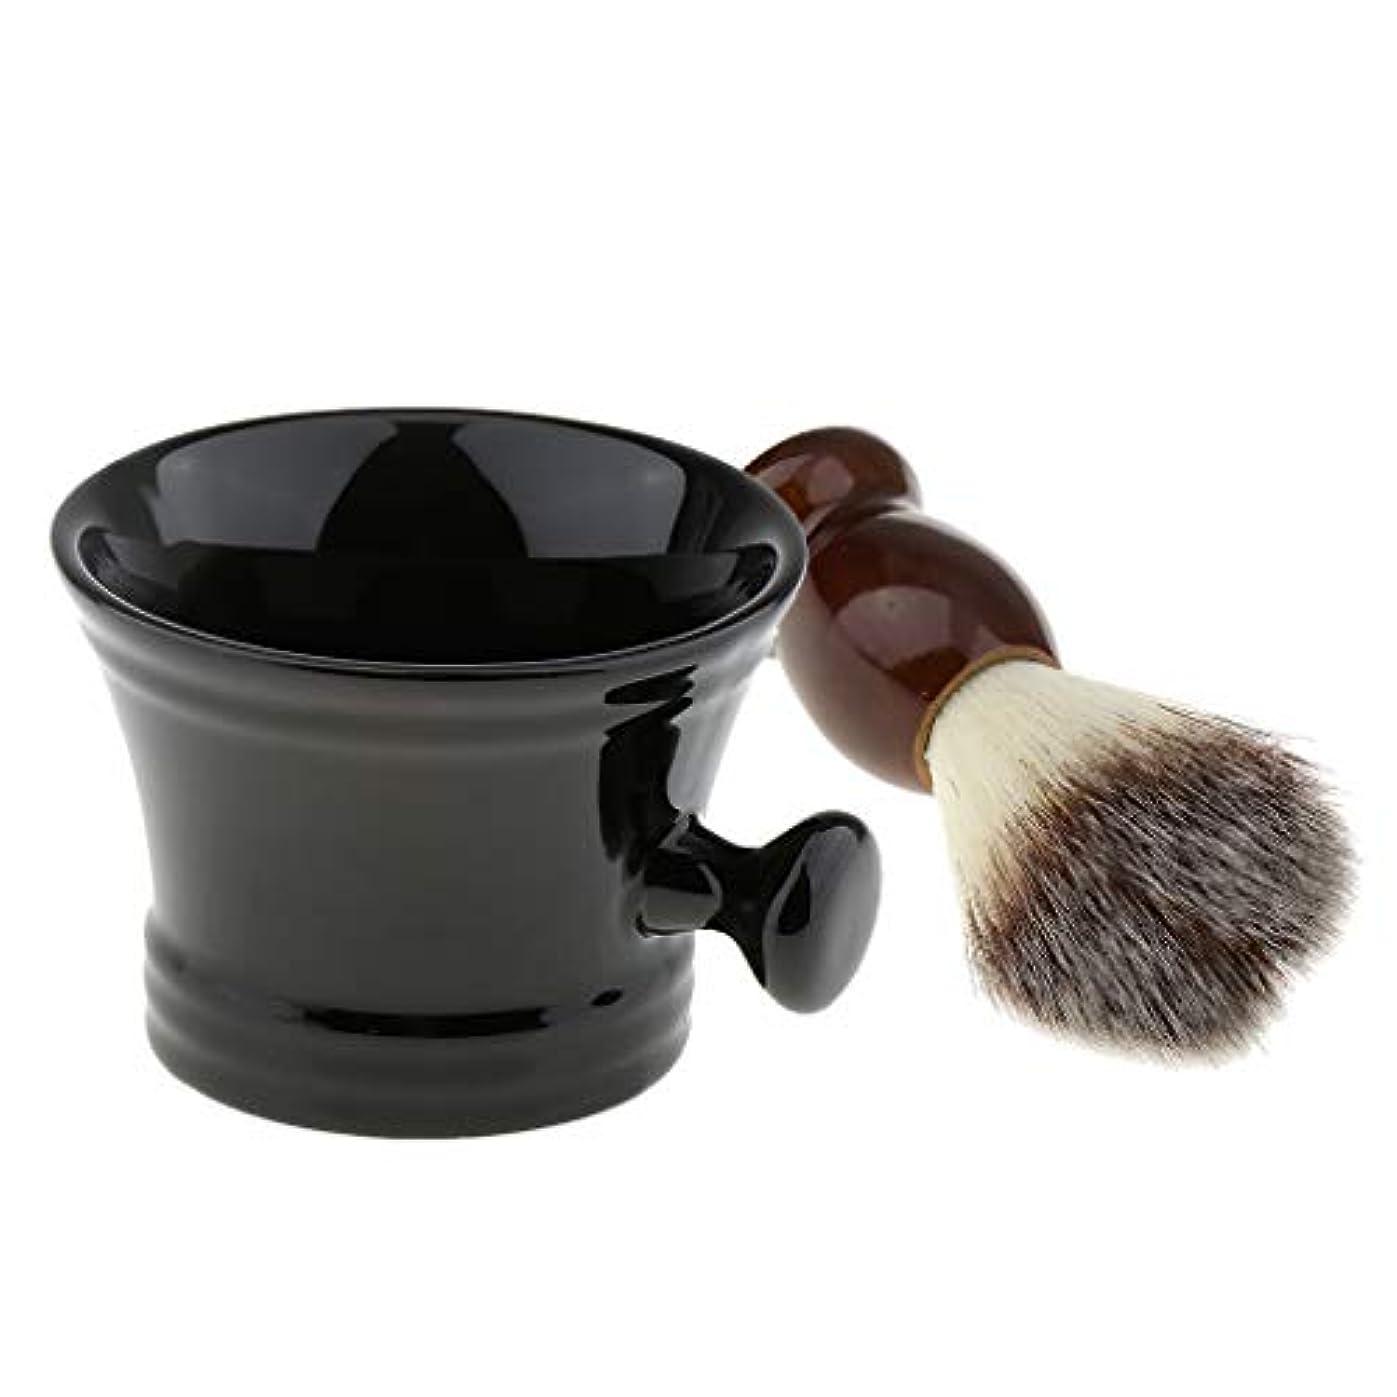 空港市民権マティスシェービング用アクセサリー シェービングブラシ シェービングボウル 男性 理容 洗顔 髭剃りキット 2点